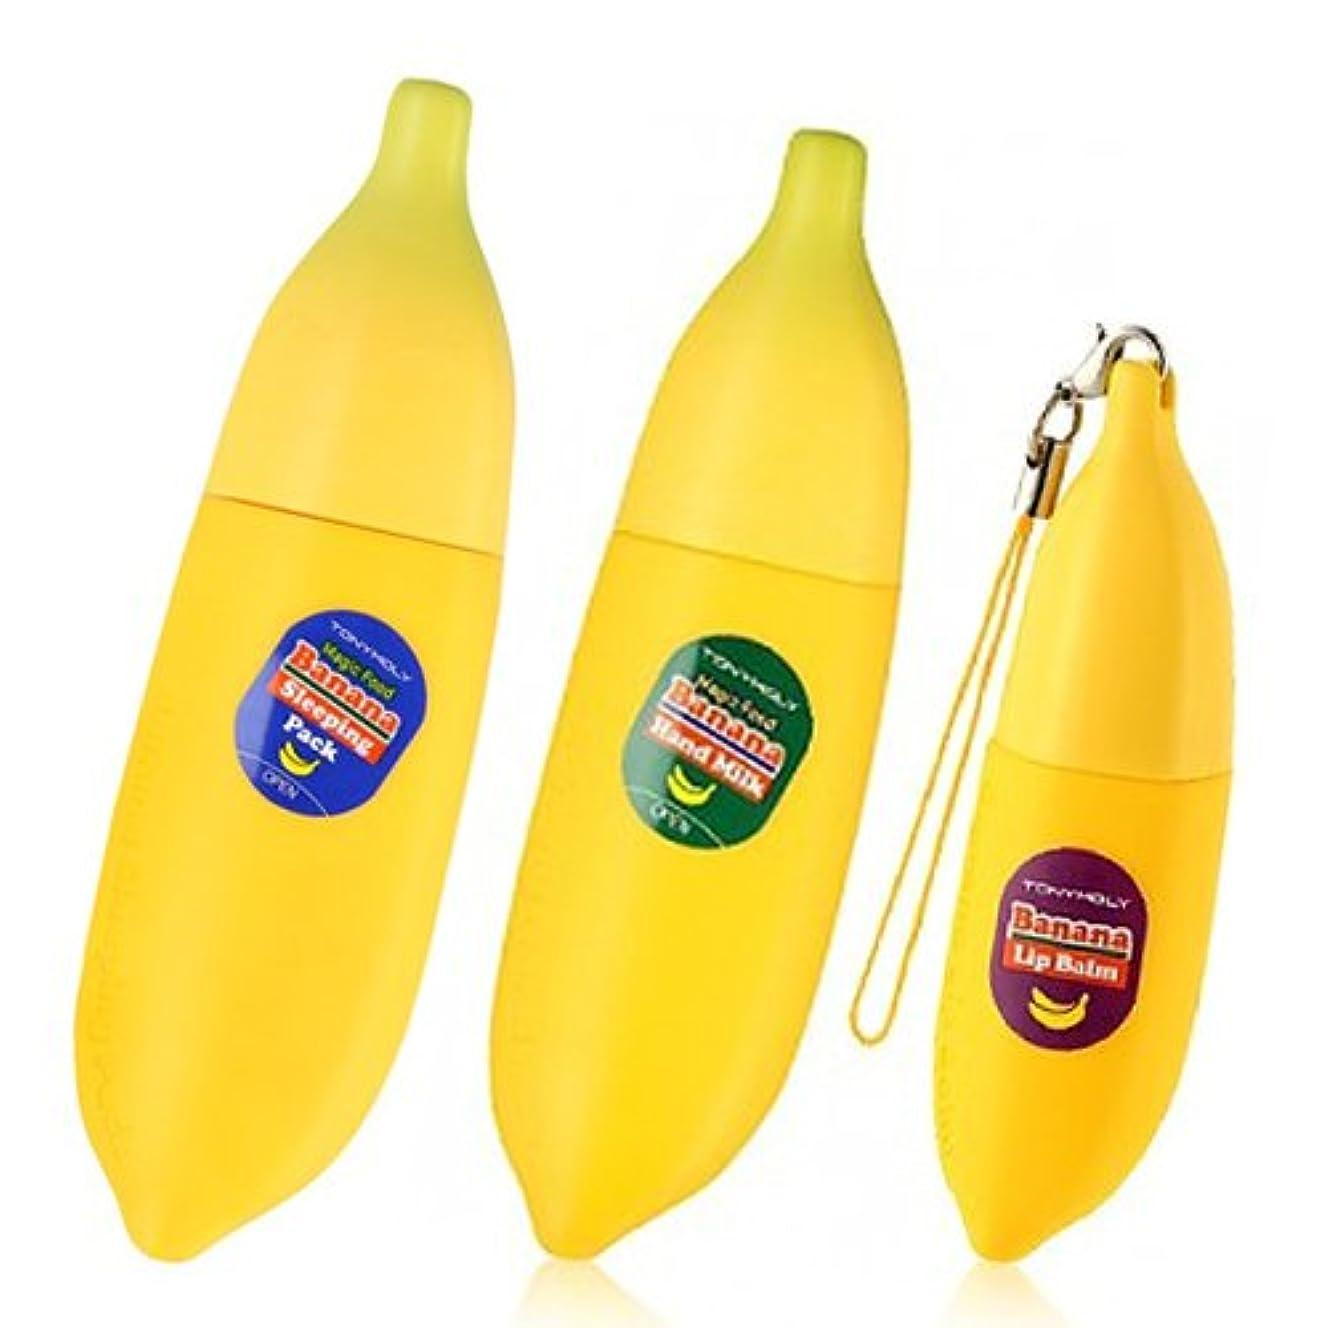 魂に慣れアメリカTONYMOLY (トニーモリ―) マジックフードバナナ3種類1セット(スリーピングパック+ハンドクリーム+リップバーム) Magic Food Banana of 3 Types (Sleeping Pack+Hand Cream+Lim Balm) [並行輸入品]